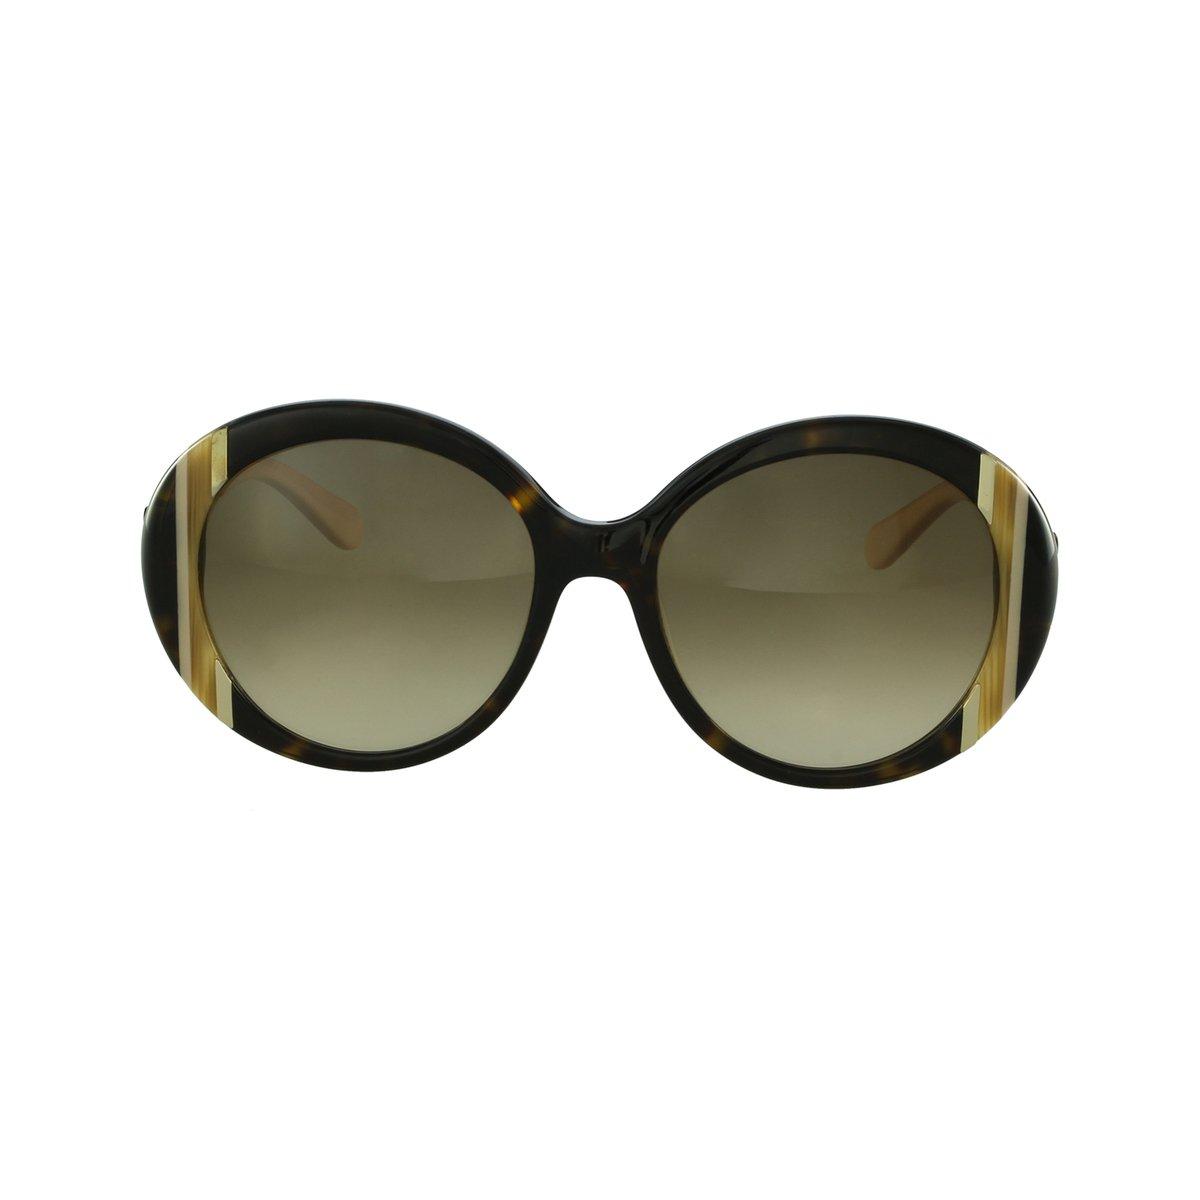 eb082ca18 Óculos de Sol Salvatore Ferragamo Fashion Preto | Zattini